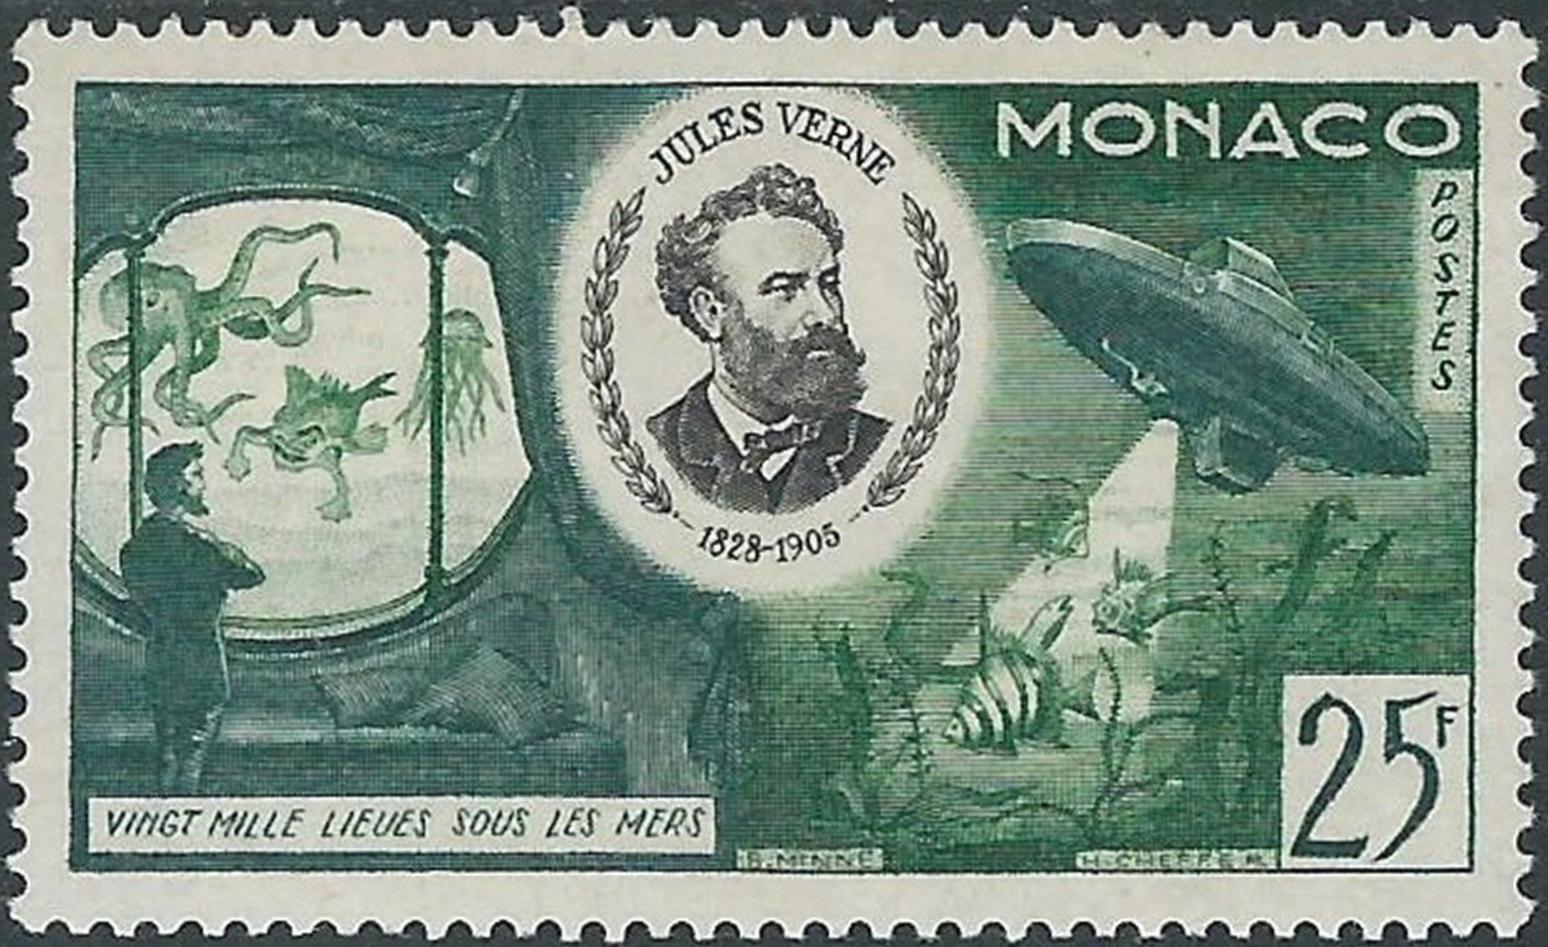 Monaco - Scott #348 (1955)